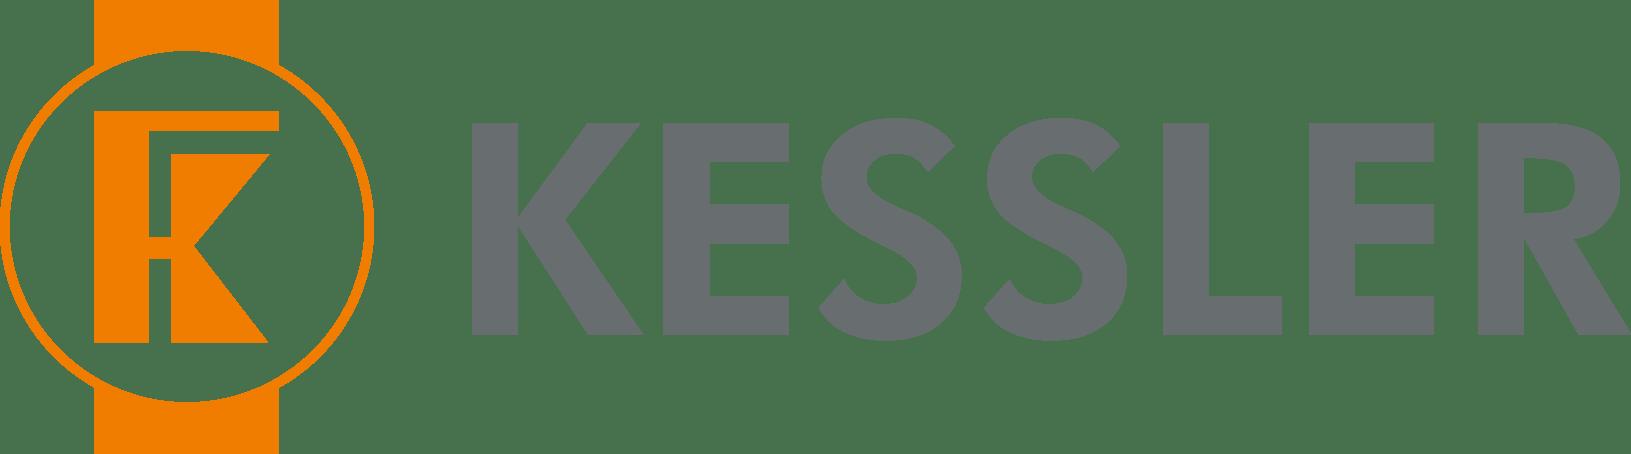 Electrobroche Concept Réparateur agréé Kessler